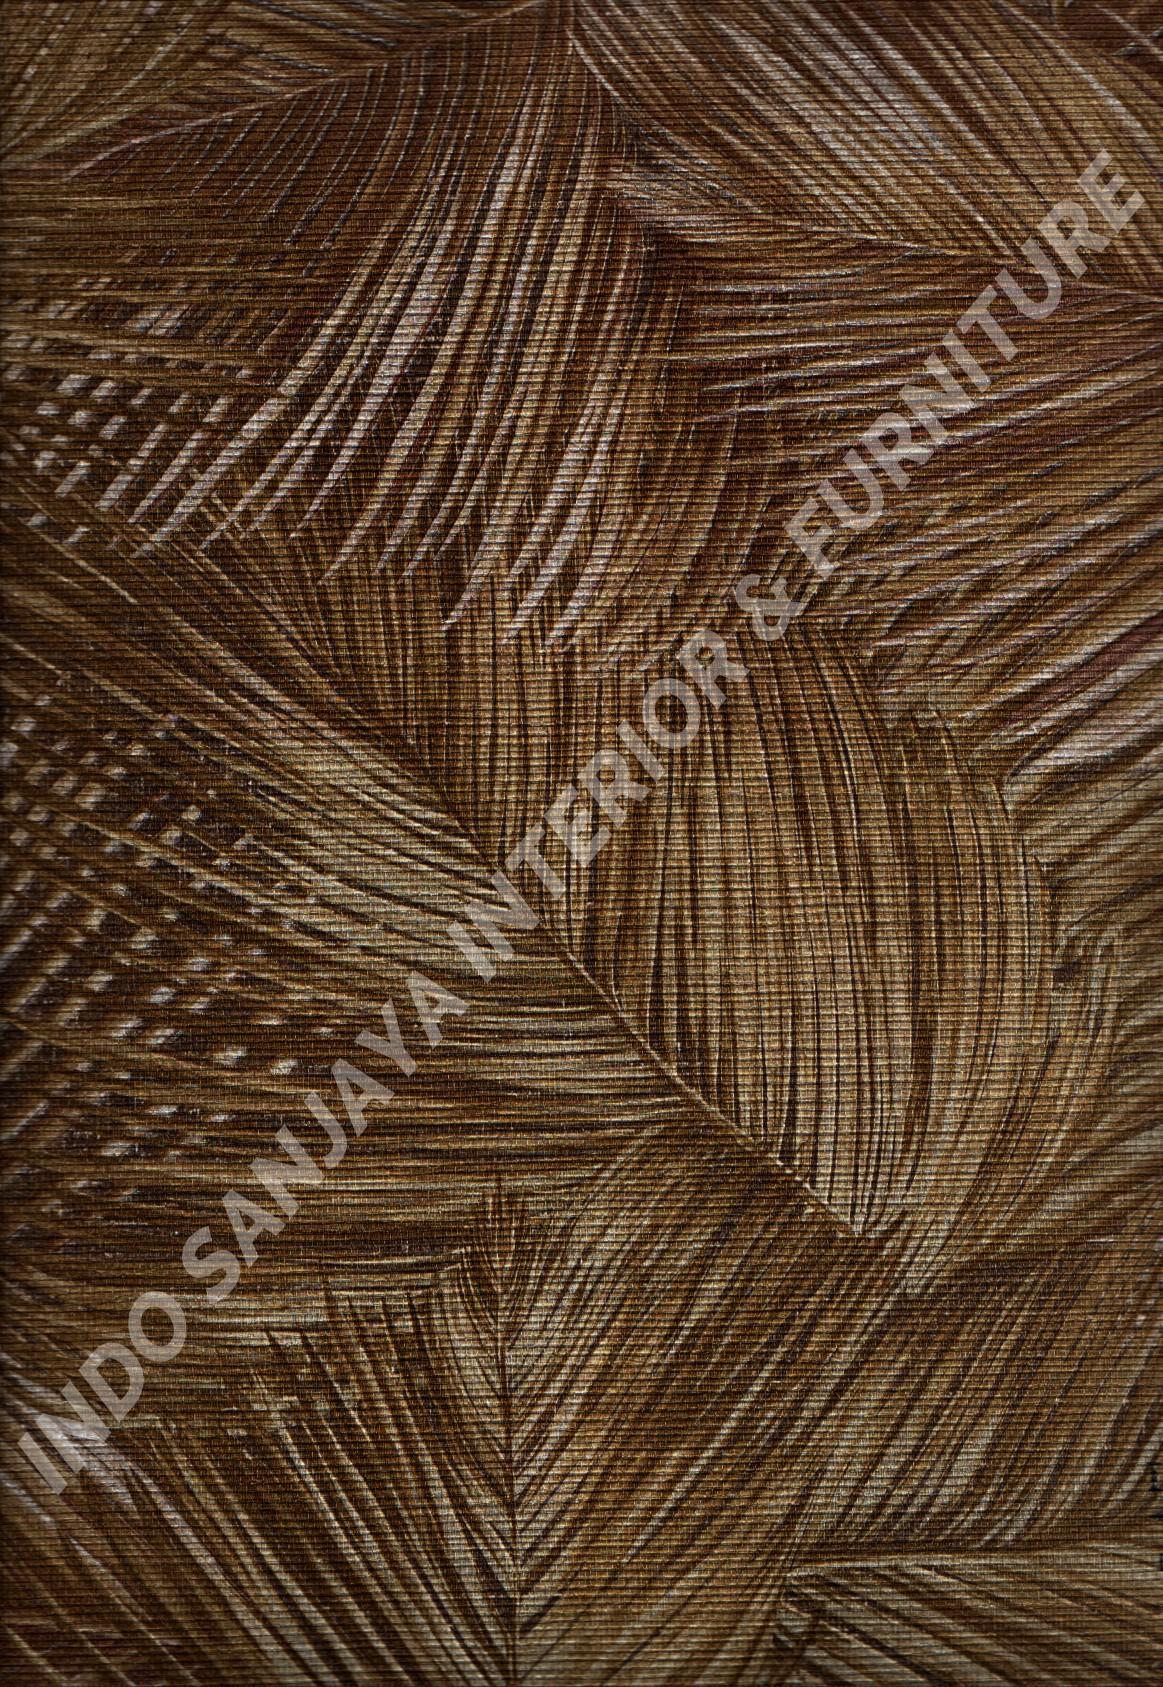 wallpaper   Wallpaper Daun Daunan 1817:1817 corak  warna